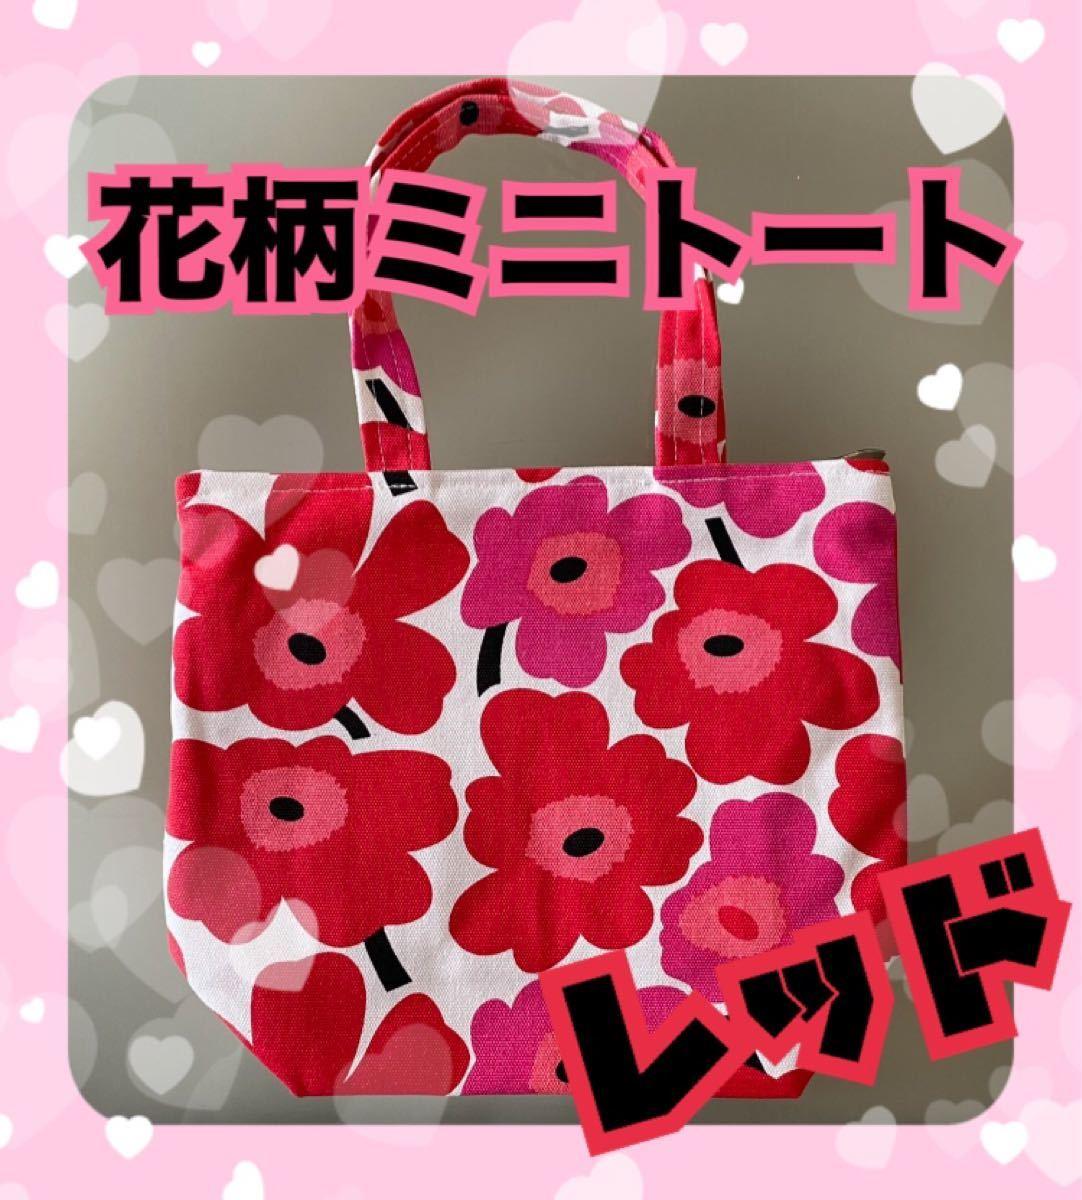 ミニトートバッグ 花柄 マリメッコ ウニッコ 可愛い オシャレ ランチバッグ